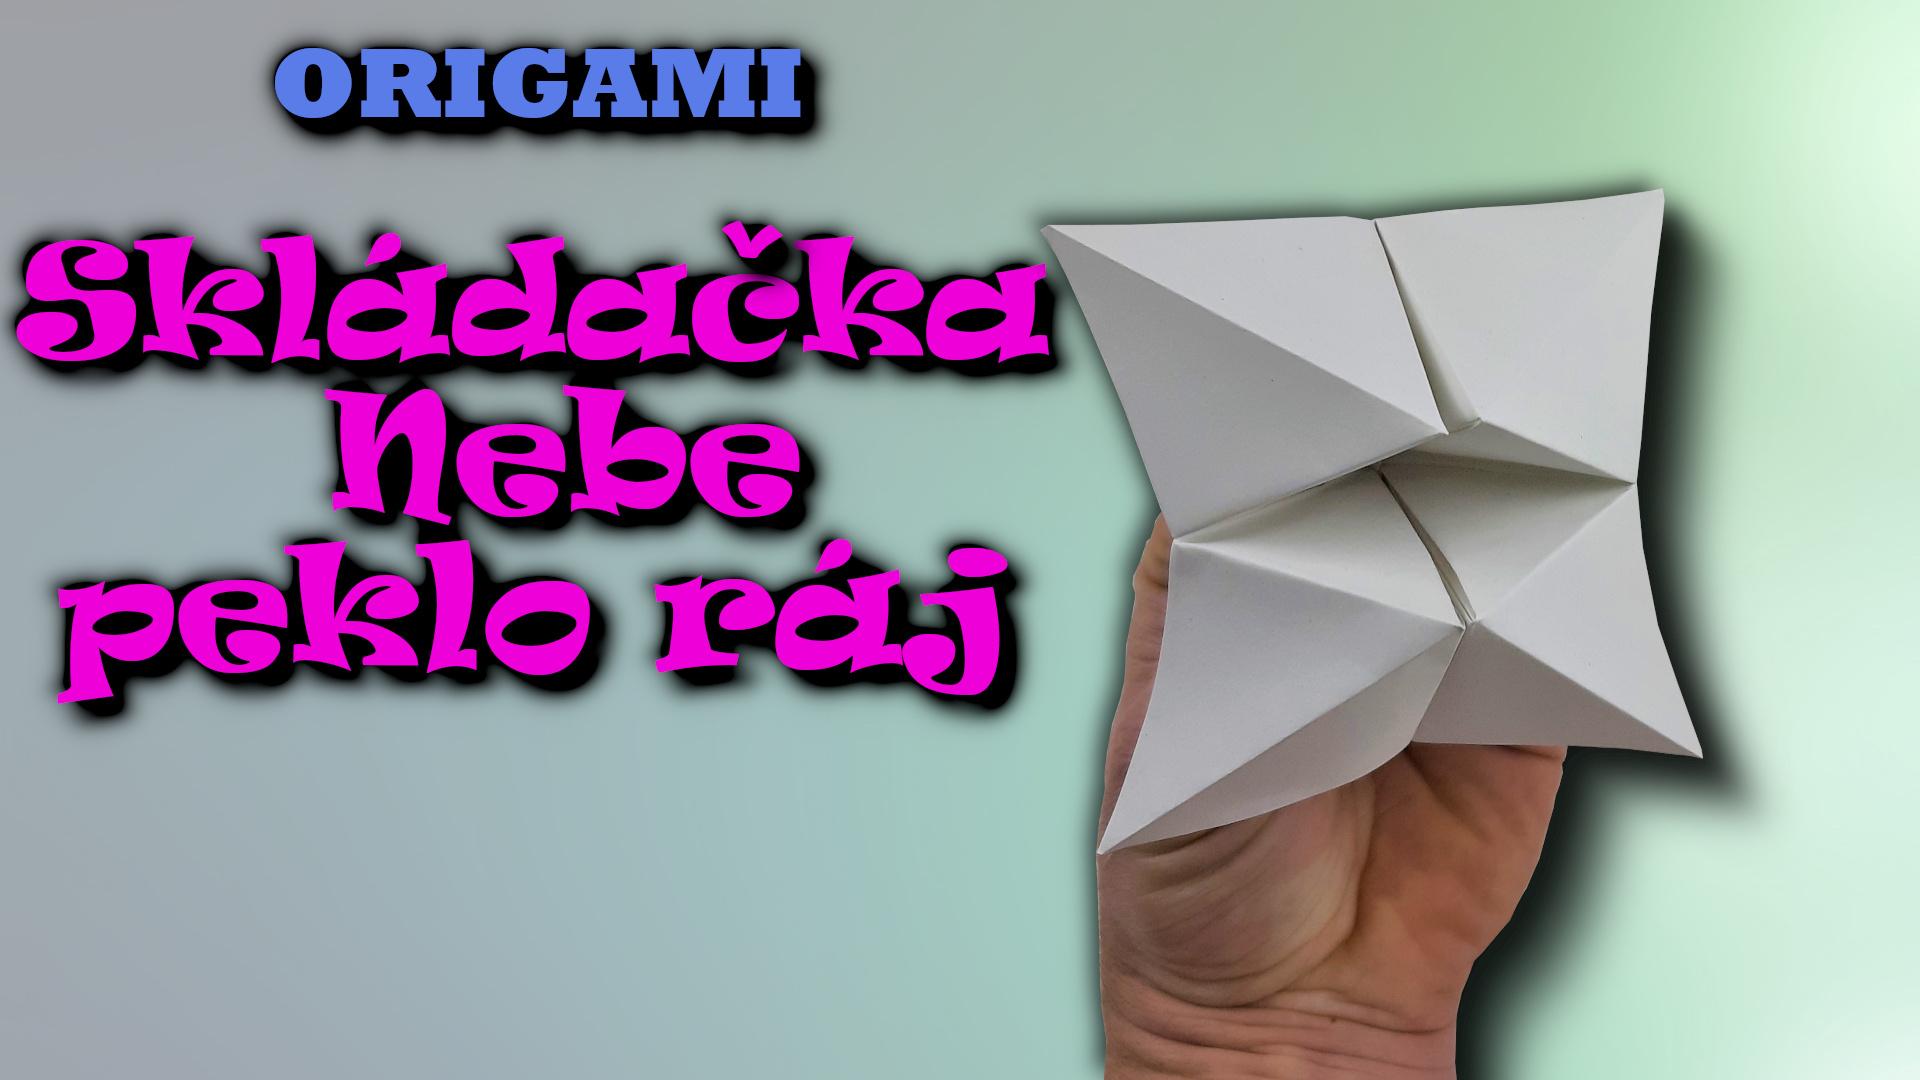 Nebe, peklo, ráj skládačka - jak vyrobit origami věštící skládačku